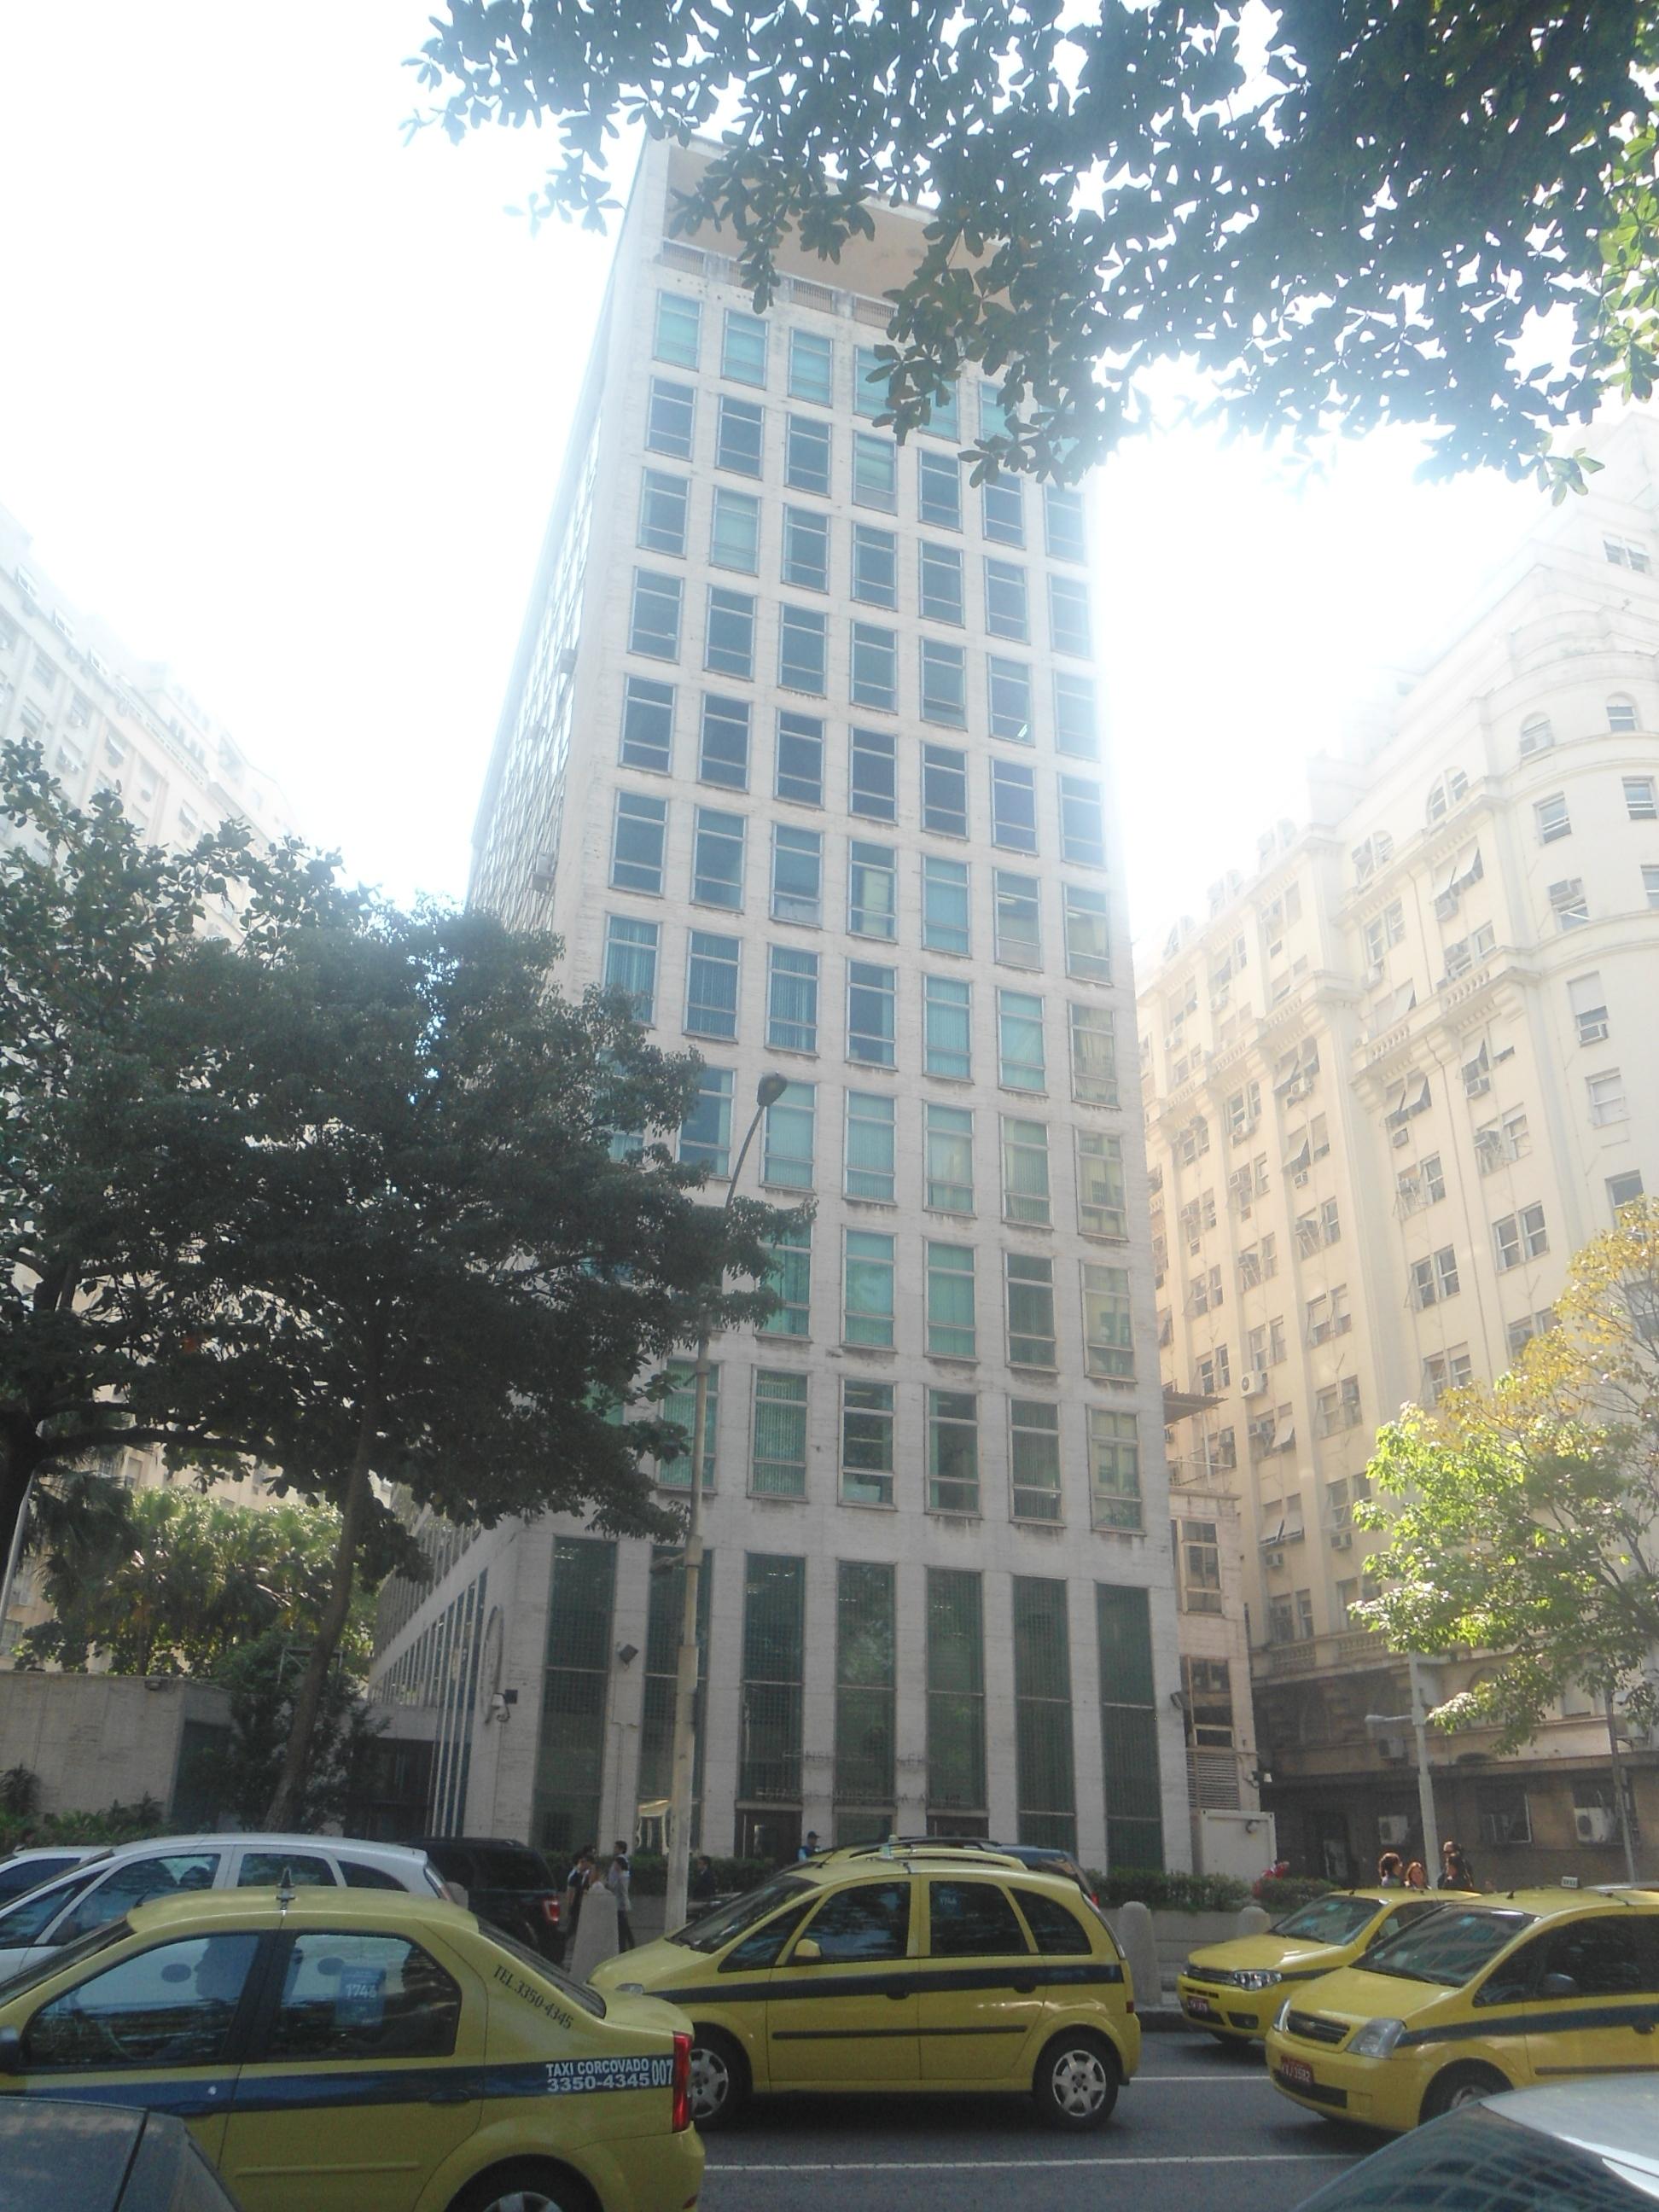 Rio De Janeiro Russian Embassy - Home Video Blog